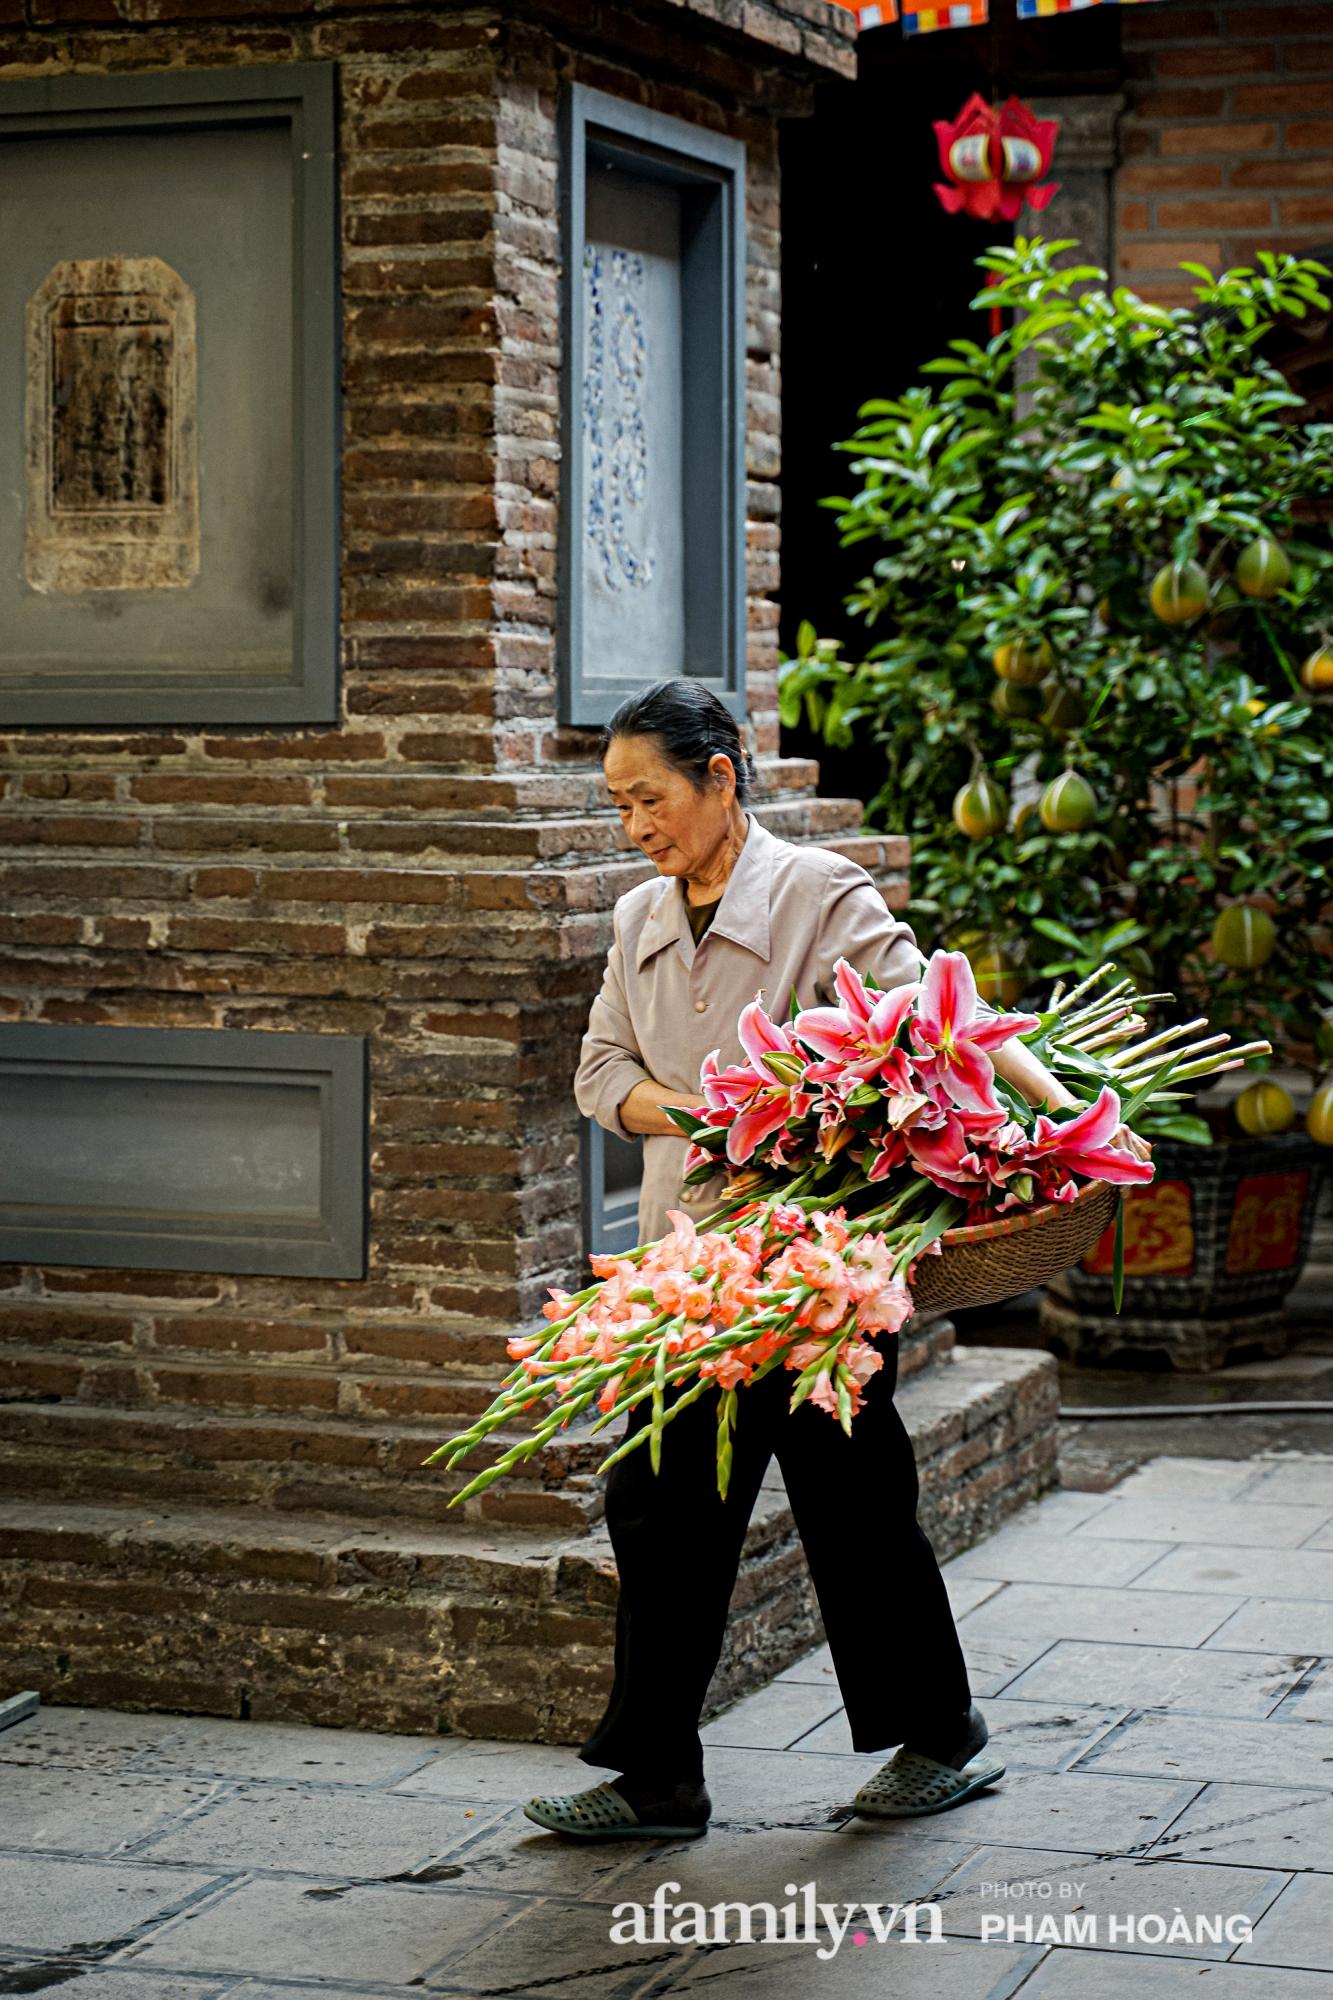 Mùng 1 đầu năm ghé thăm chùa Bà Đá: Chốn linh thiêng cổ xưa ngàn năm tuổi, giấu mình giữa phố cổ phồn hoa - Ảnh 17.